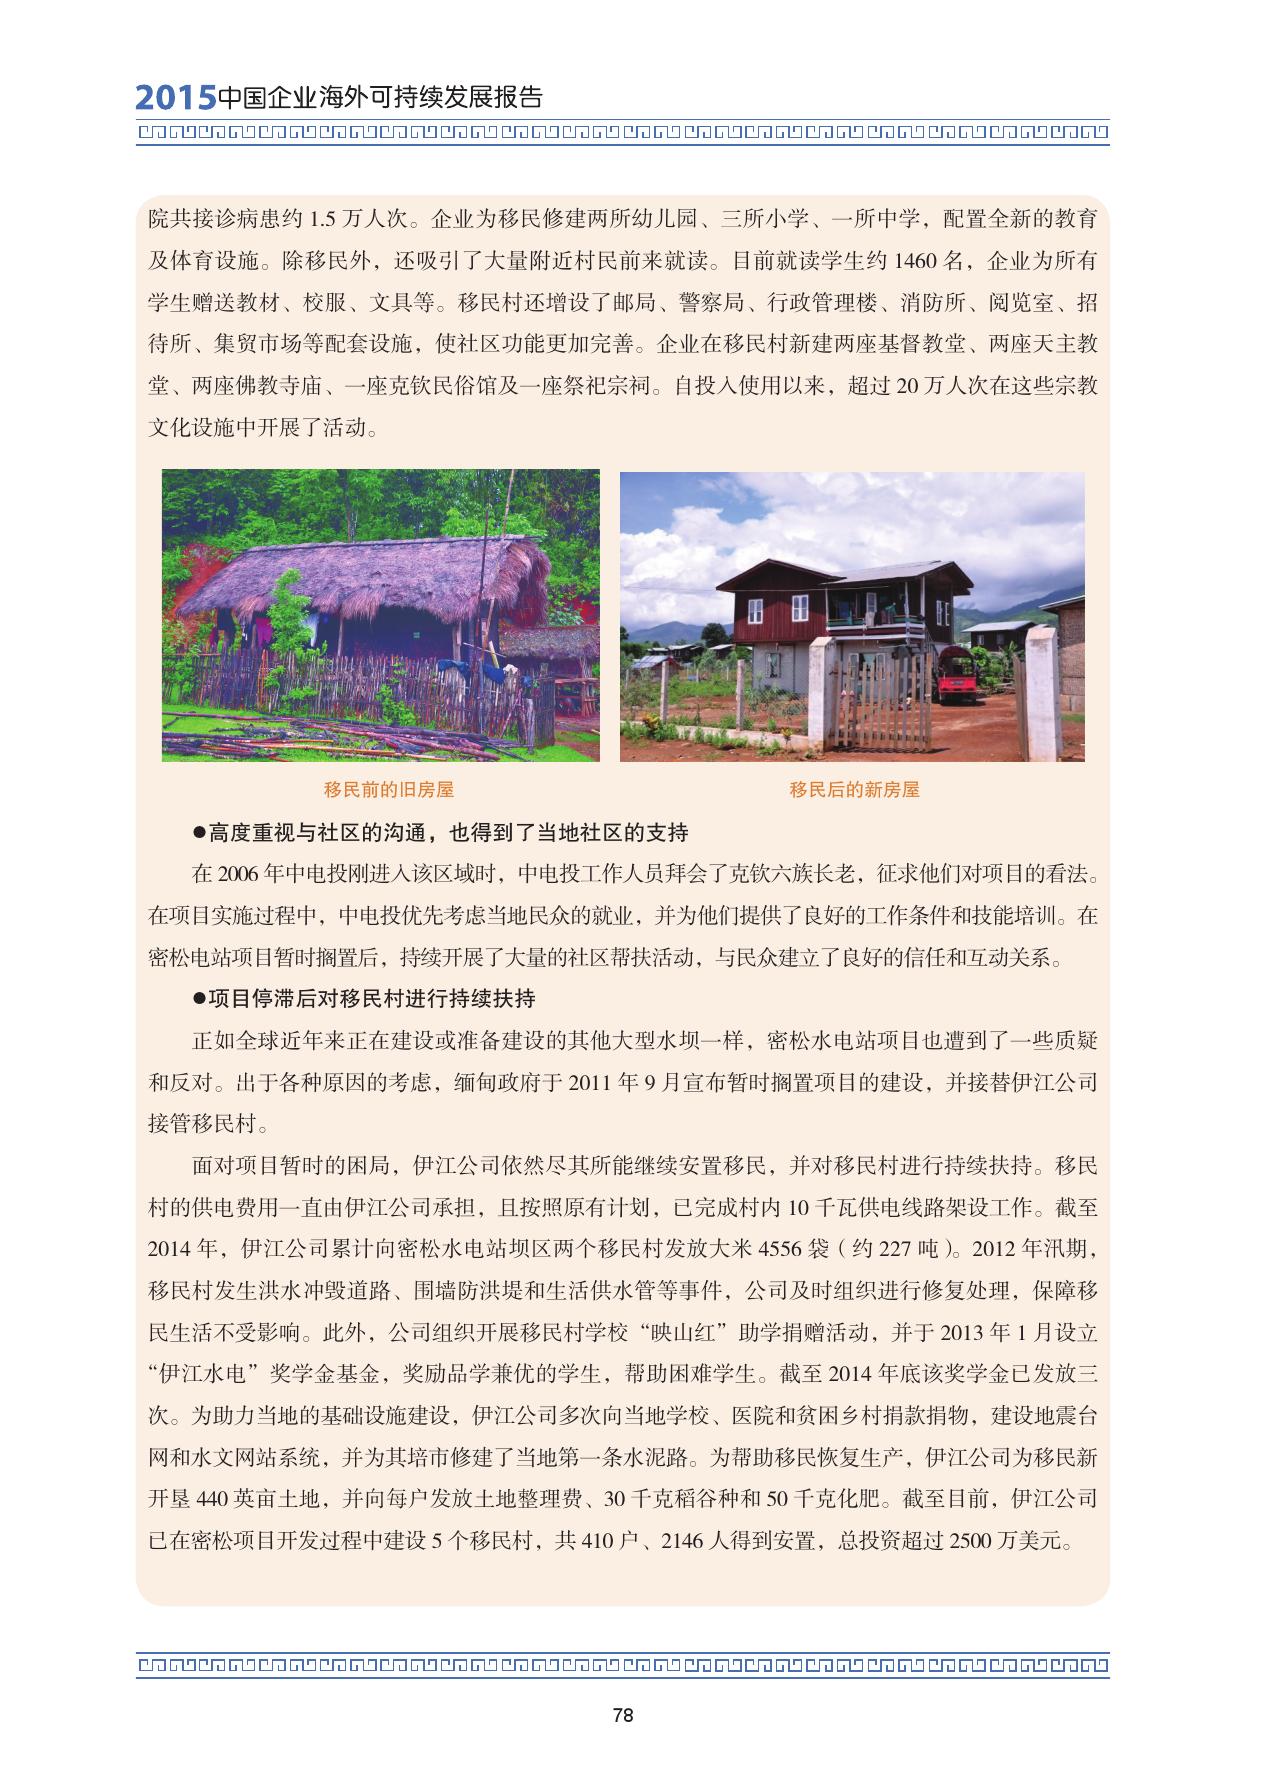 2015中国企业海外可持续发展报告_000092